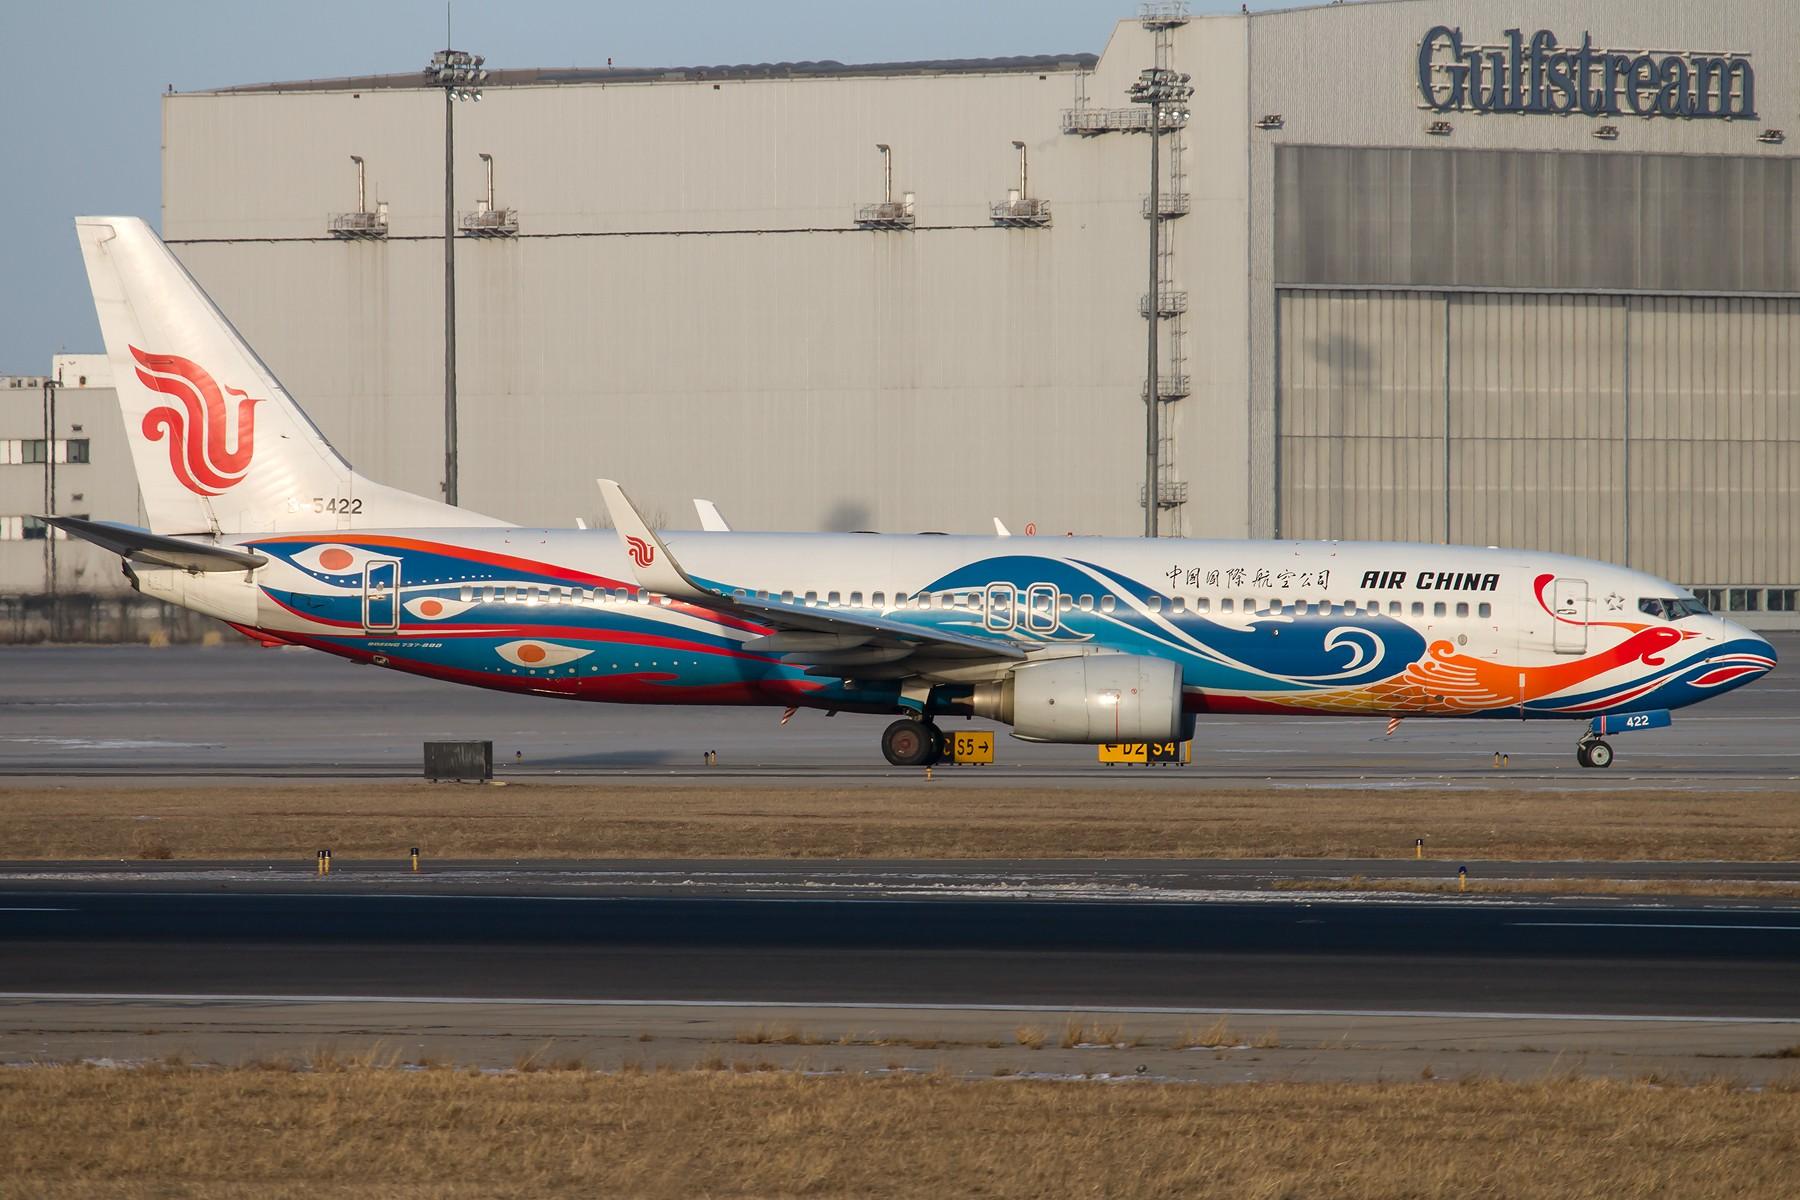 Re:[原创]2016-01-18 杂图10张 1800*1200 BOEING 737-89L(WL) B-5422 中国北京首都国际机场